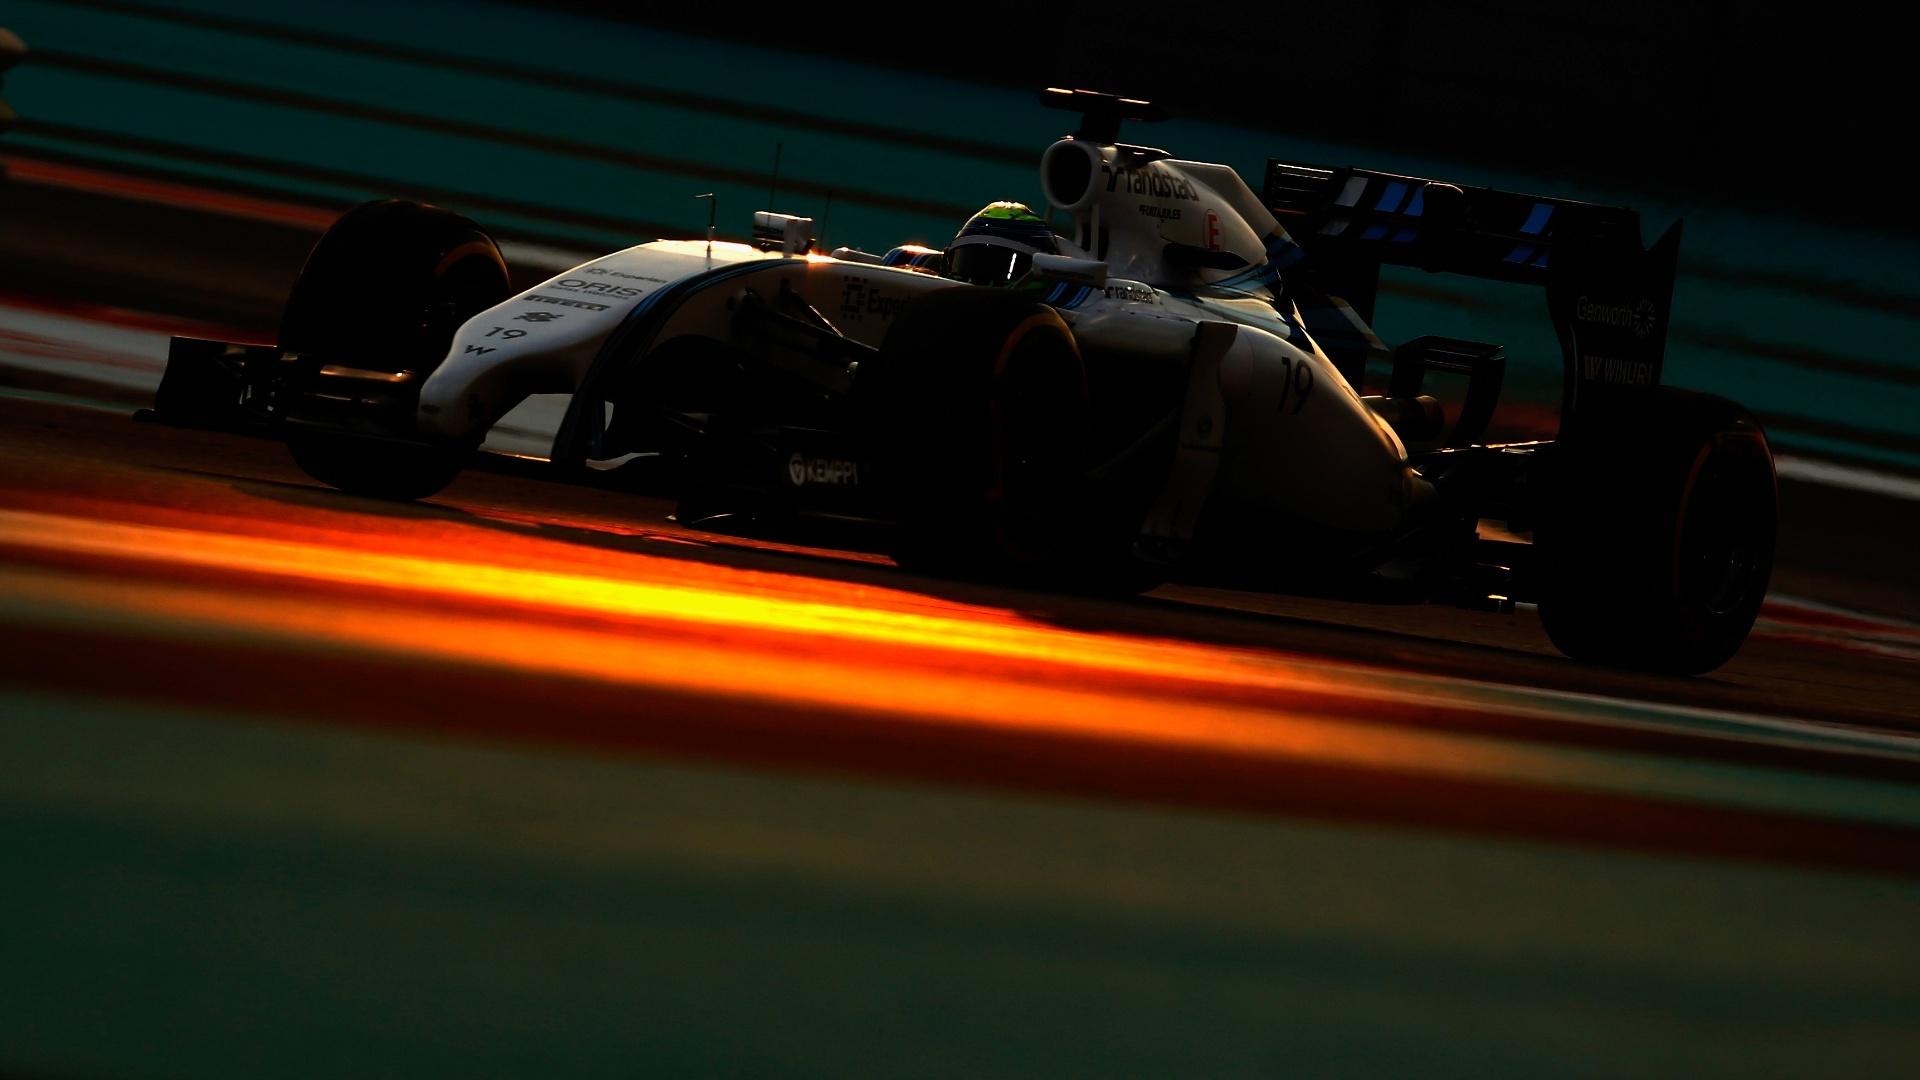 21.nov.2014 - Felipe Massa guia sua Williams pelo circuito de Yas Marina durante os treinos livres do GP dos Emirados Árabes